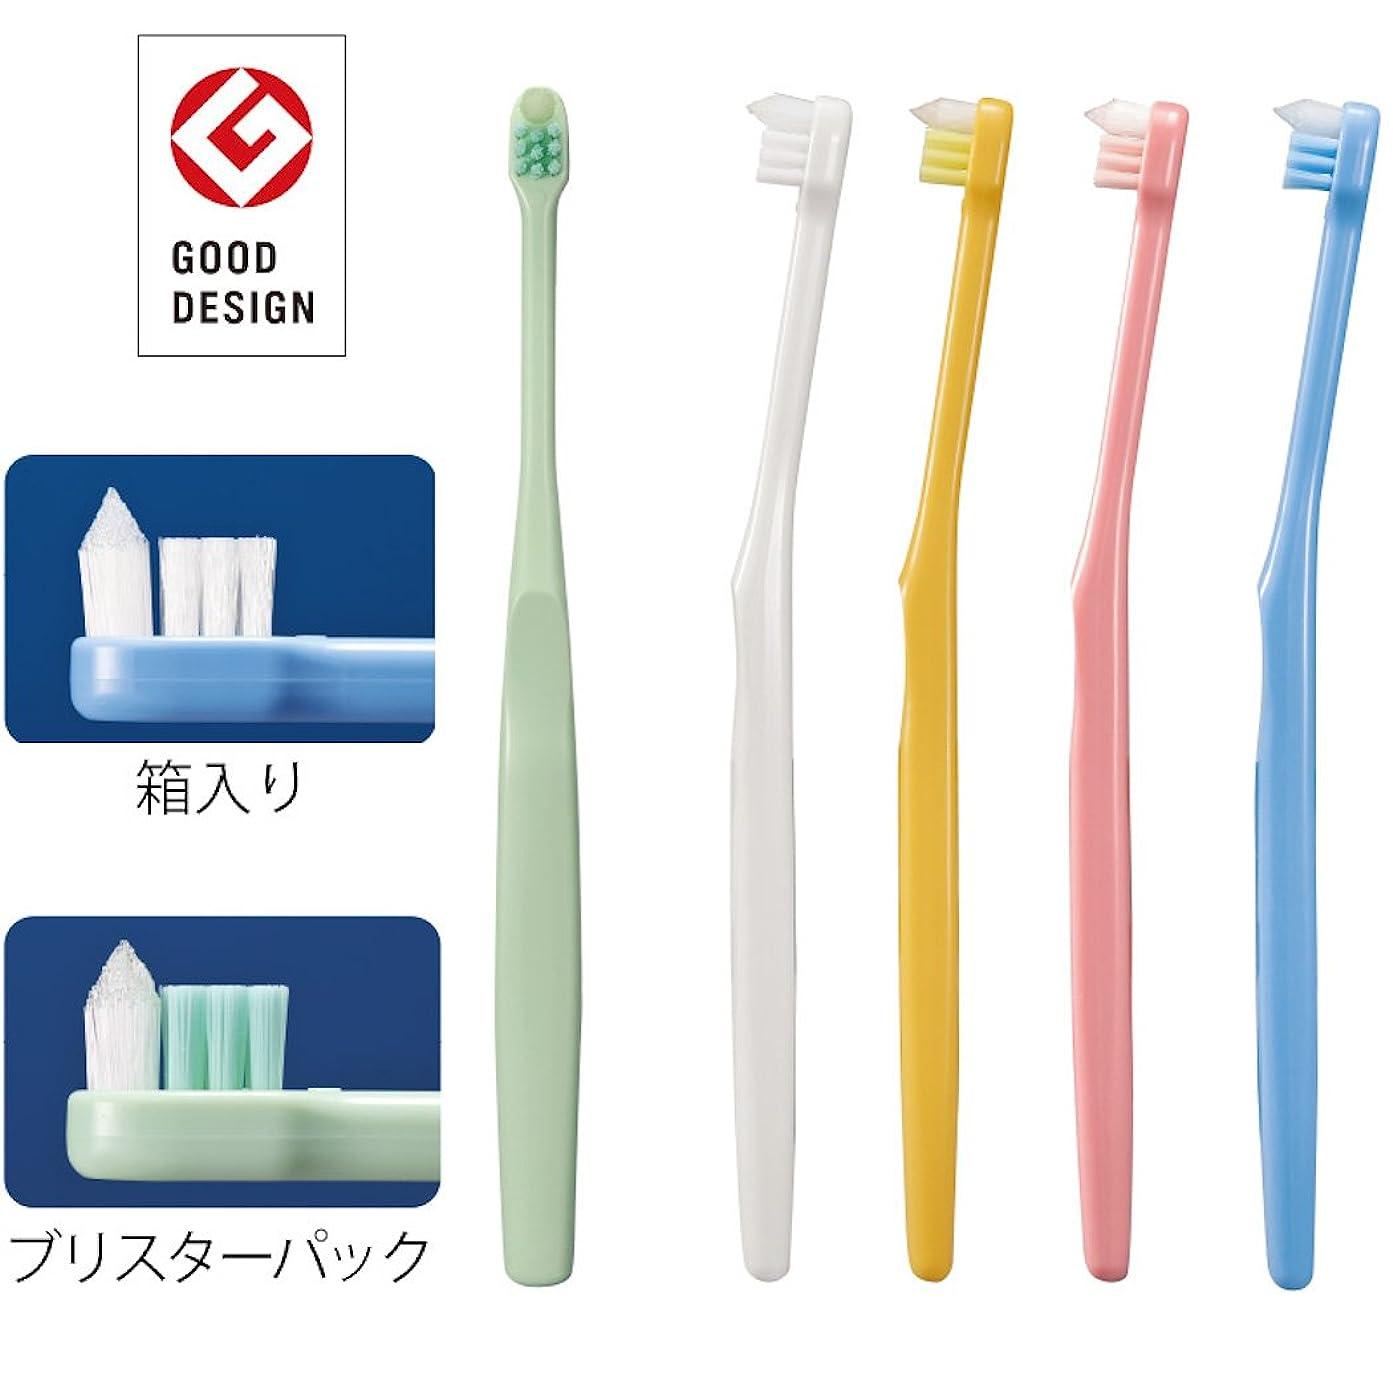 不従順わがまま唇歯科医院専売 Ci ネオタフト M(ふつう) 6本 4色アソート